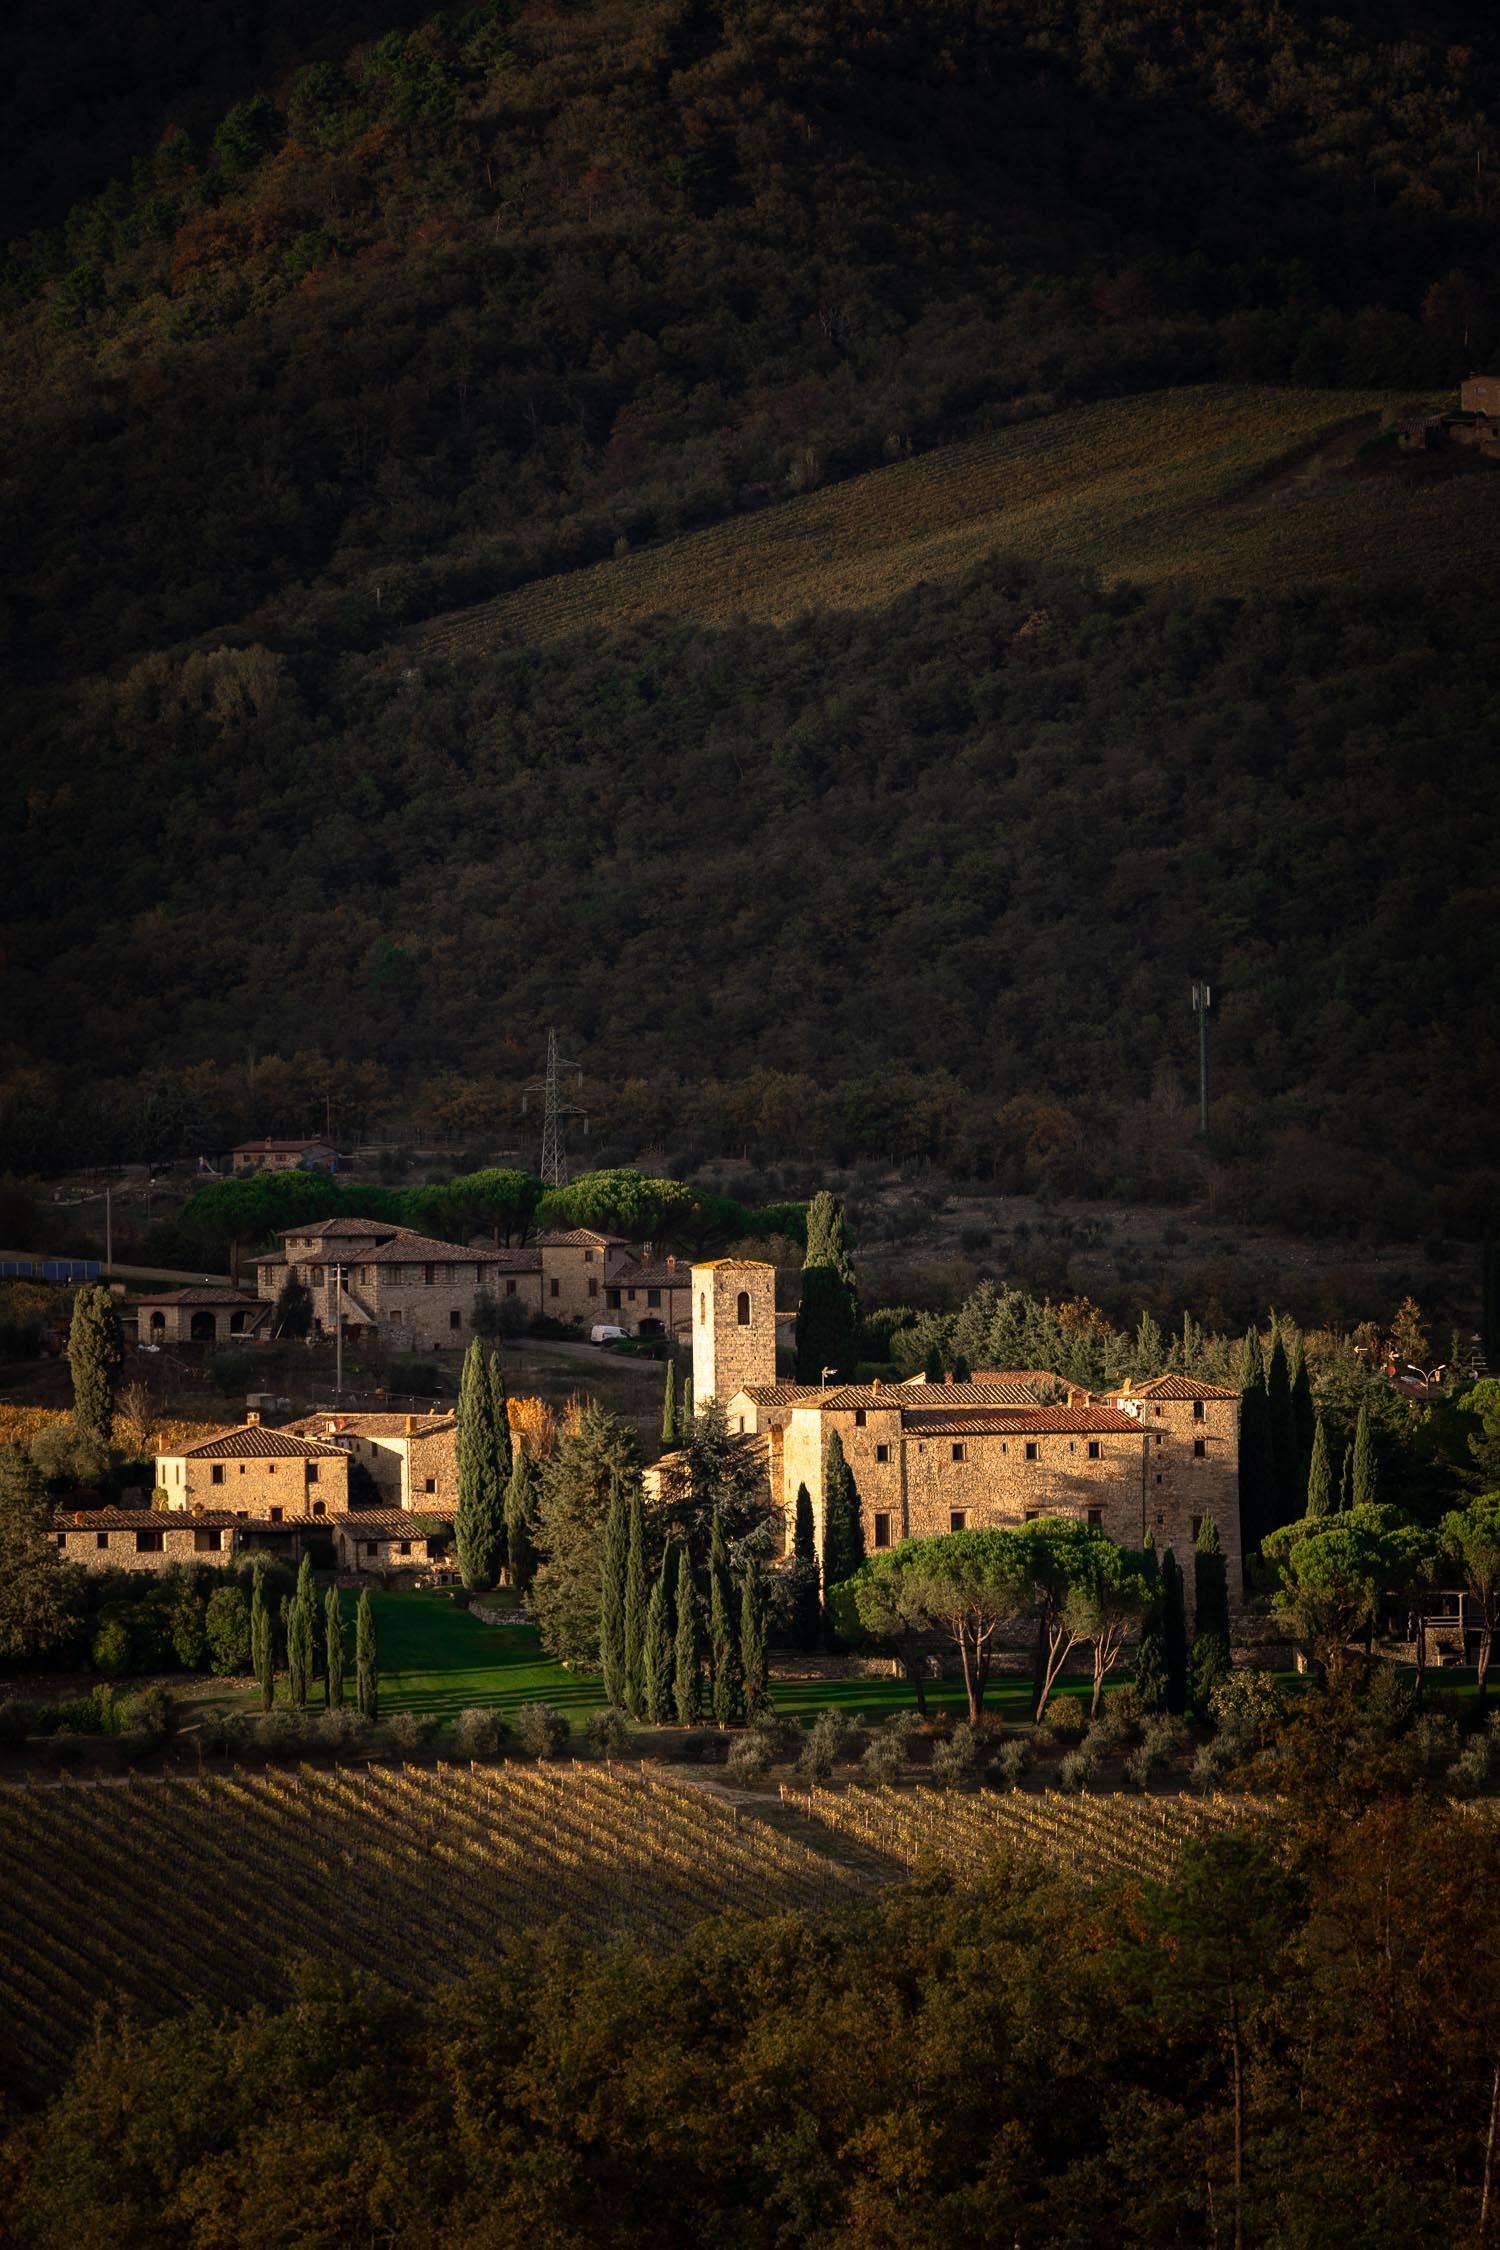 Meleto_Tuscany-02554.jpg